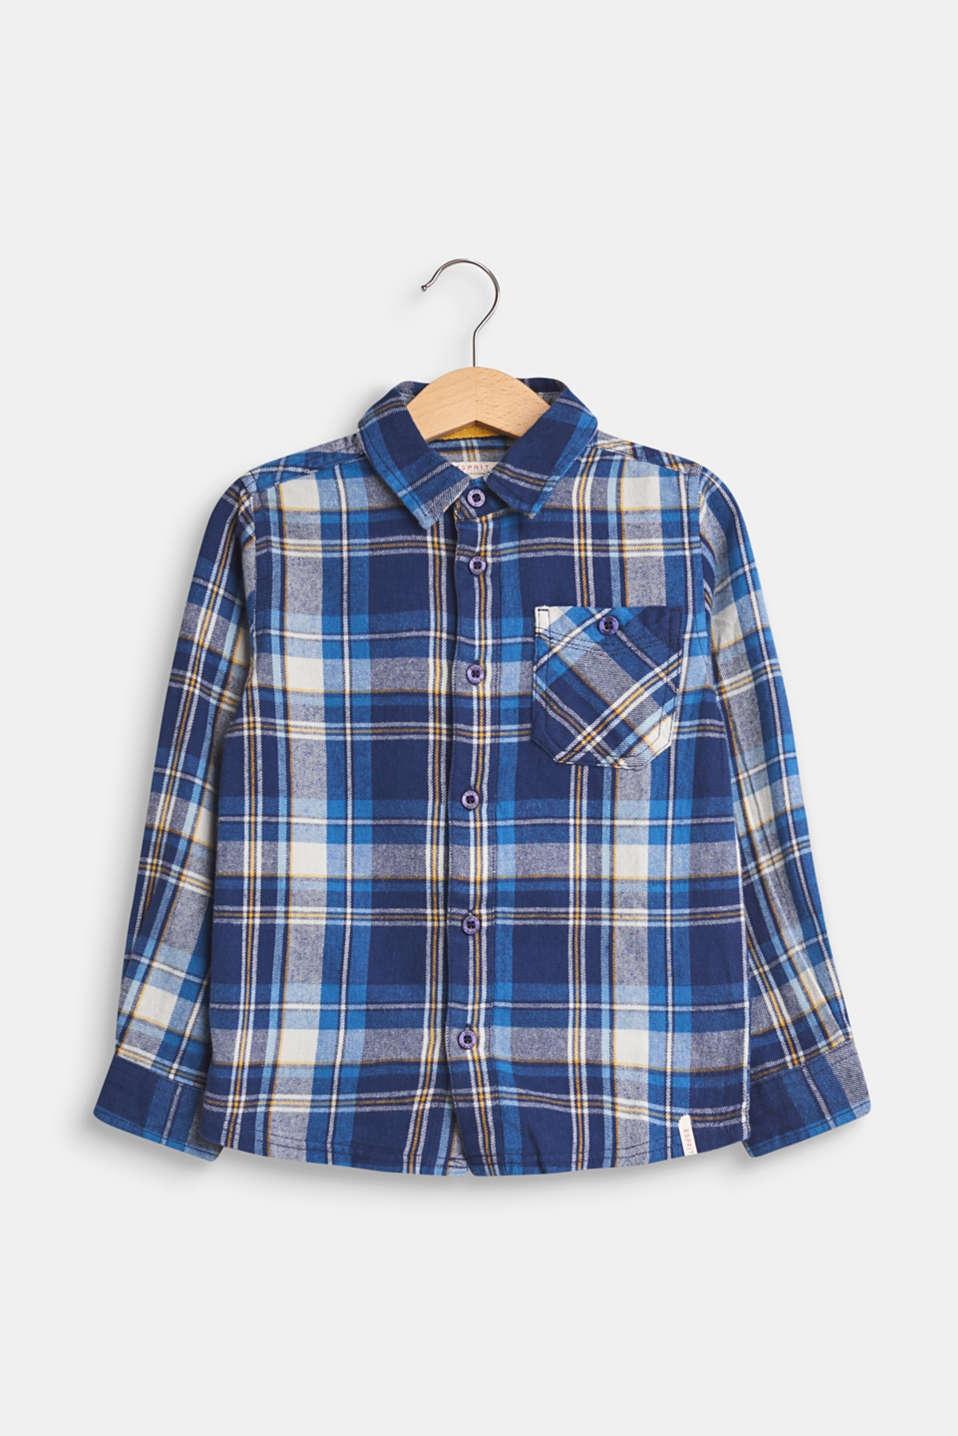 Flanellen Overhemd.Esprit Flanellen Overhemd Met Ruitmotief 100 Katoen Kopen In De